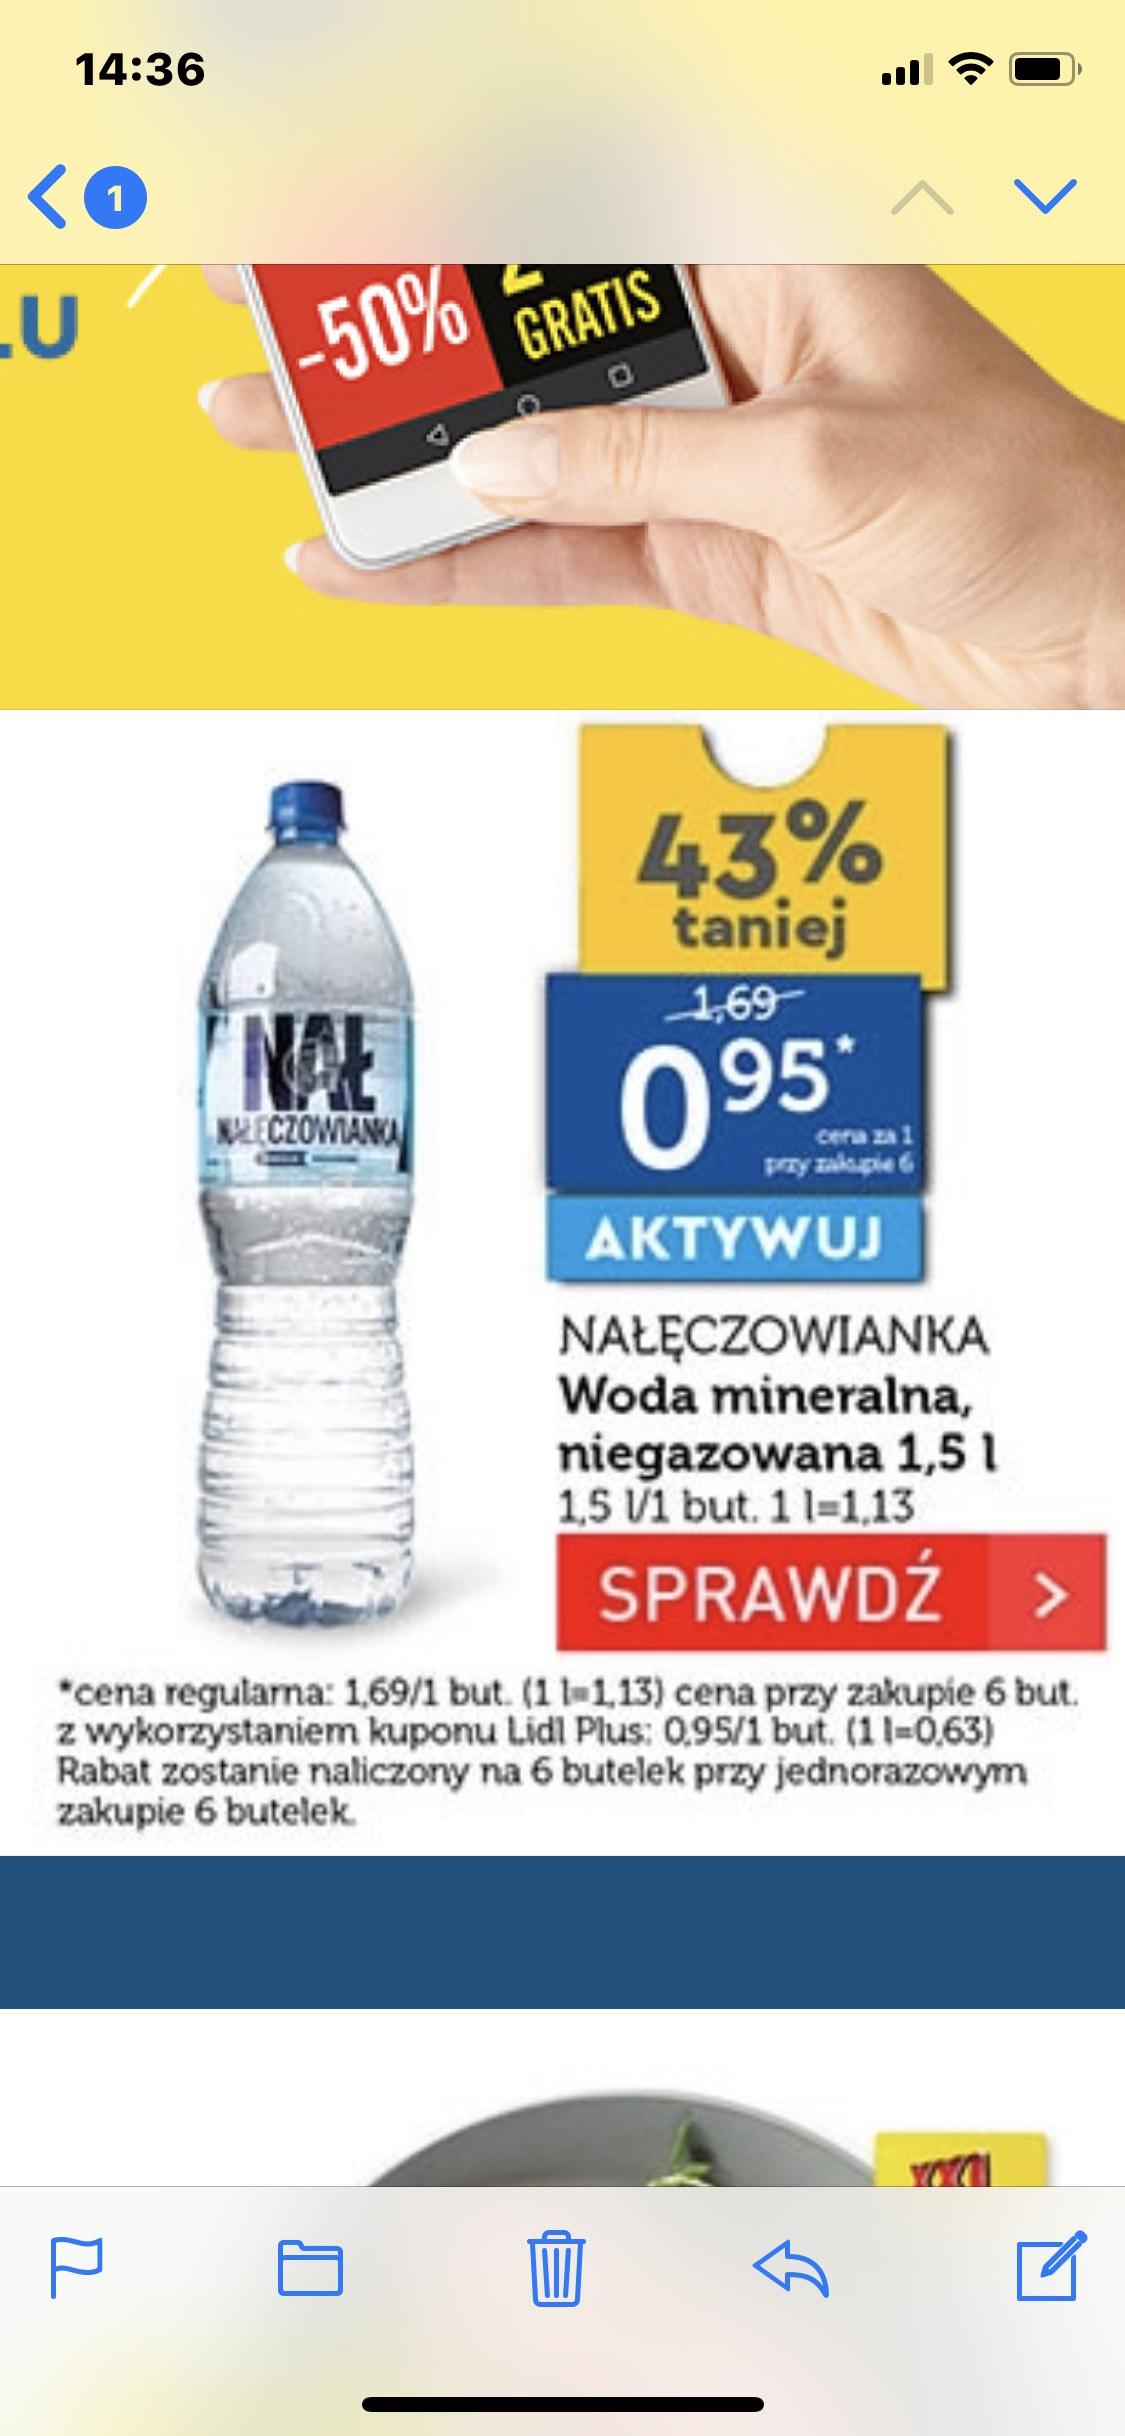 Lidl Woda mineralna Nałęczowianka